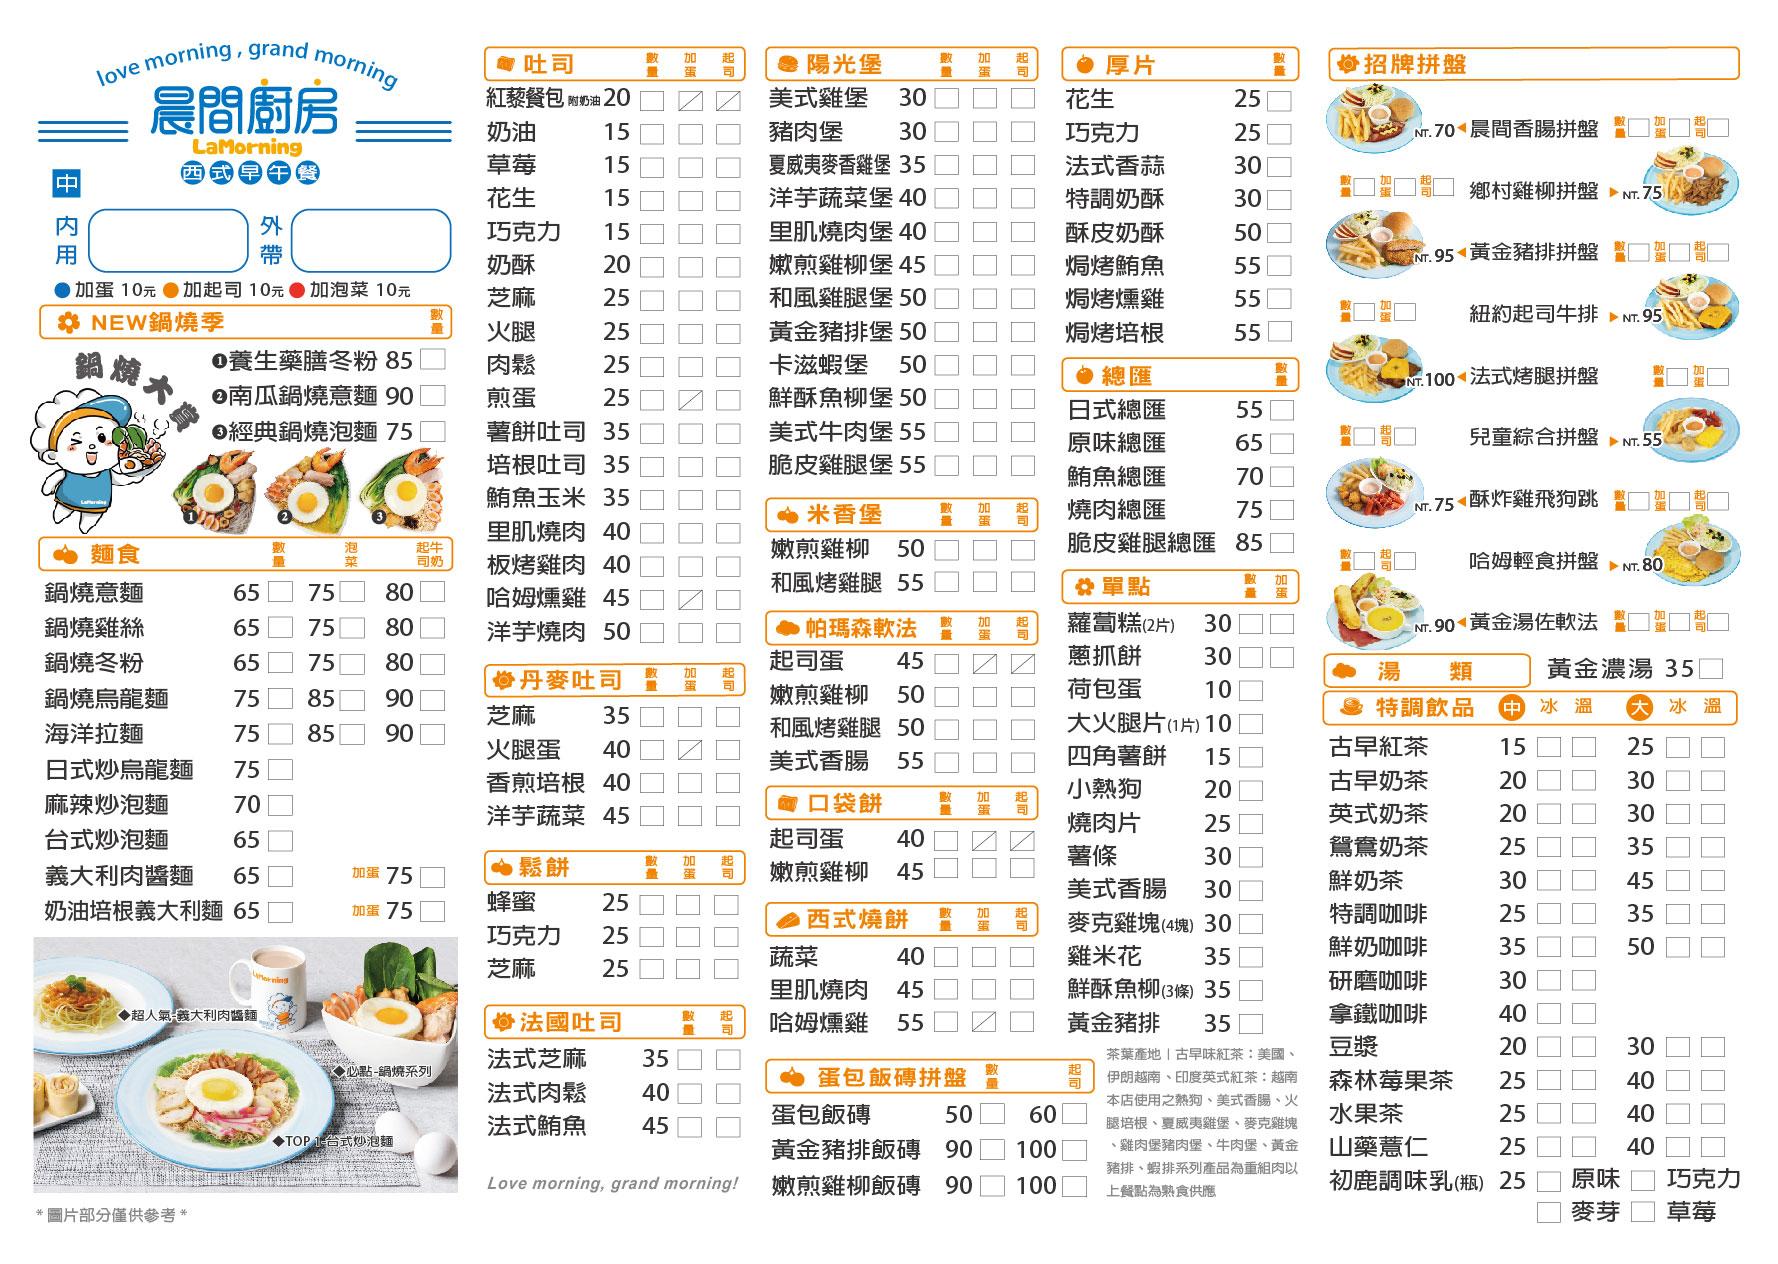 晨間廚房菜單MENU-【中區】苗栗、台中、彰化、南投、雲林、嘉義